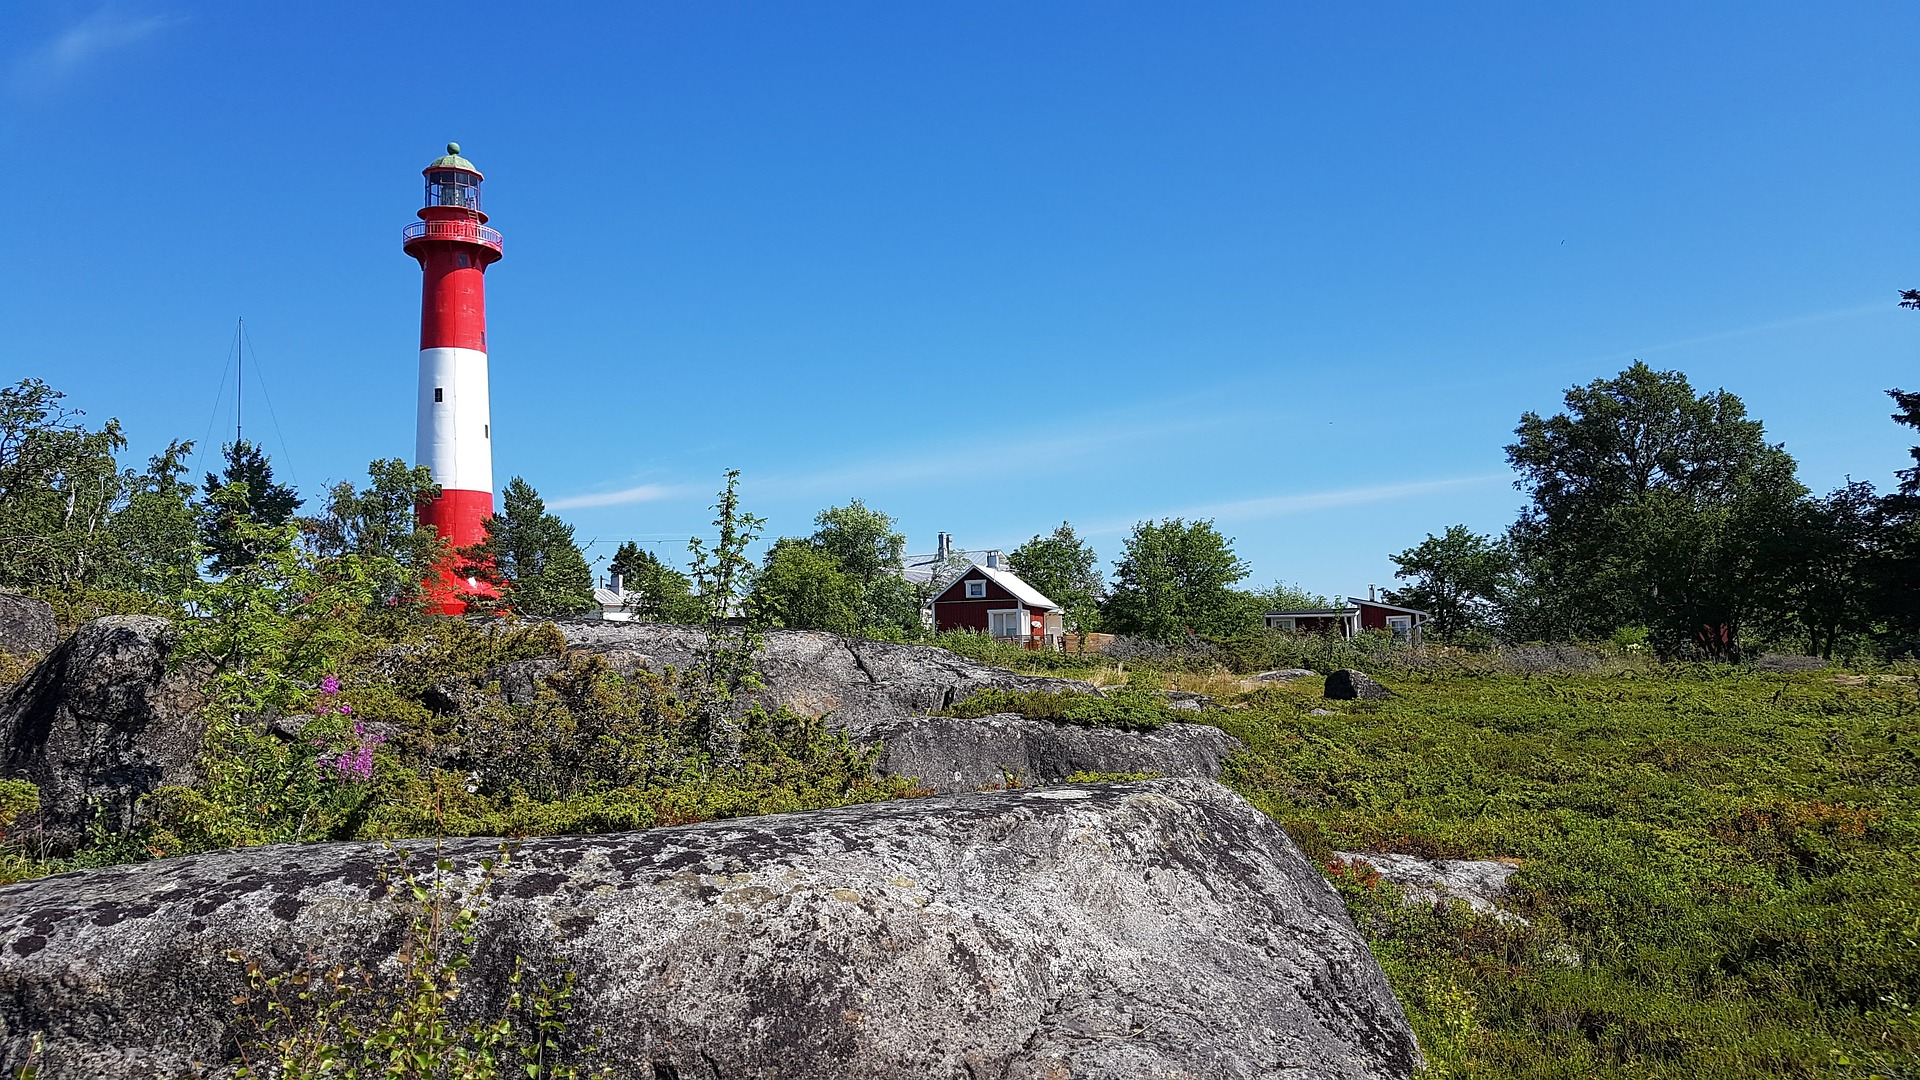 L'île de Tankar par Mats Svenfelt